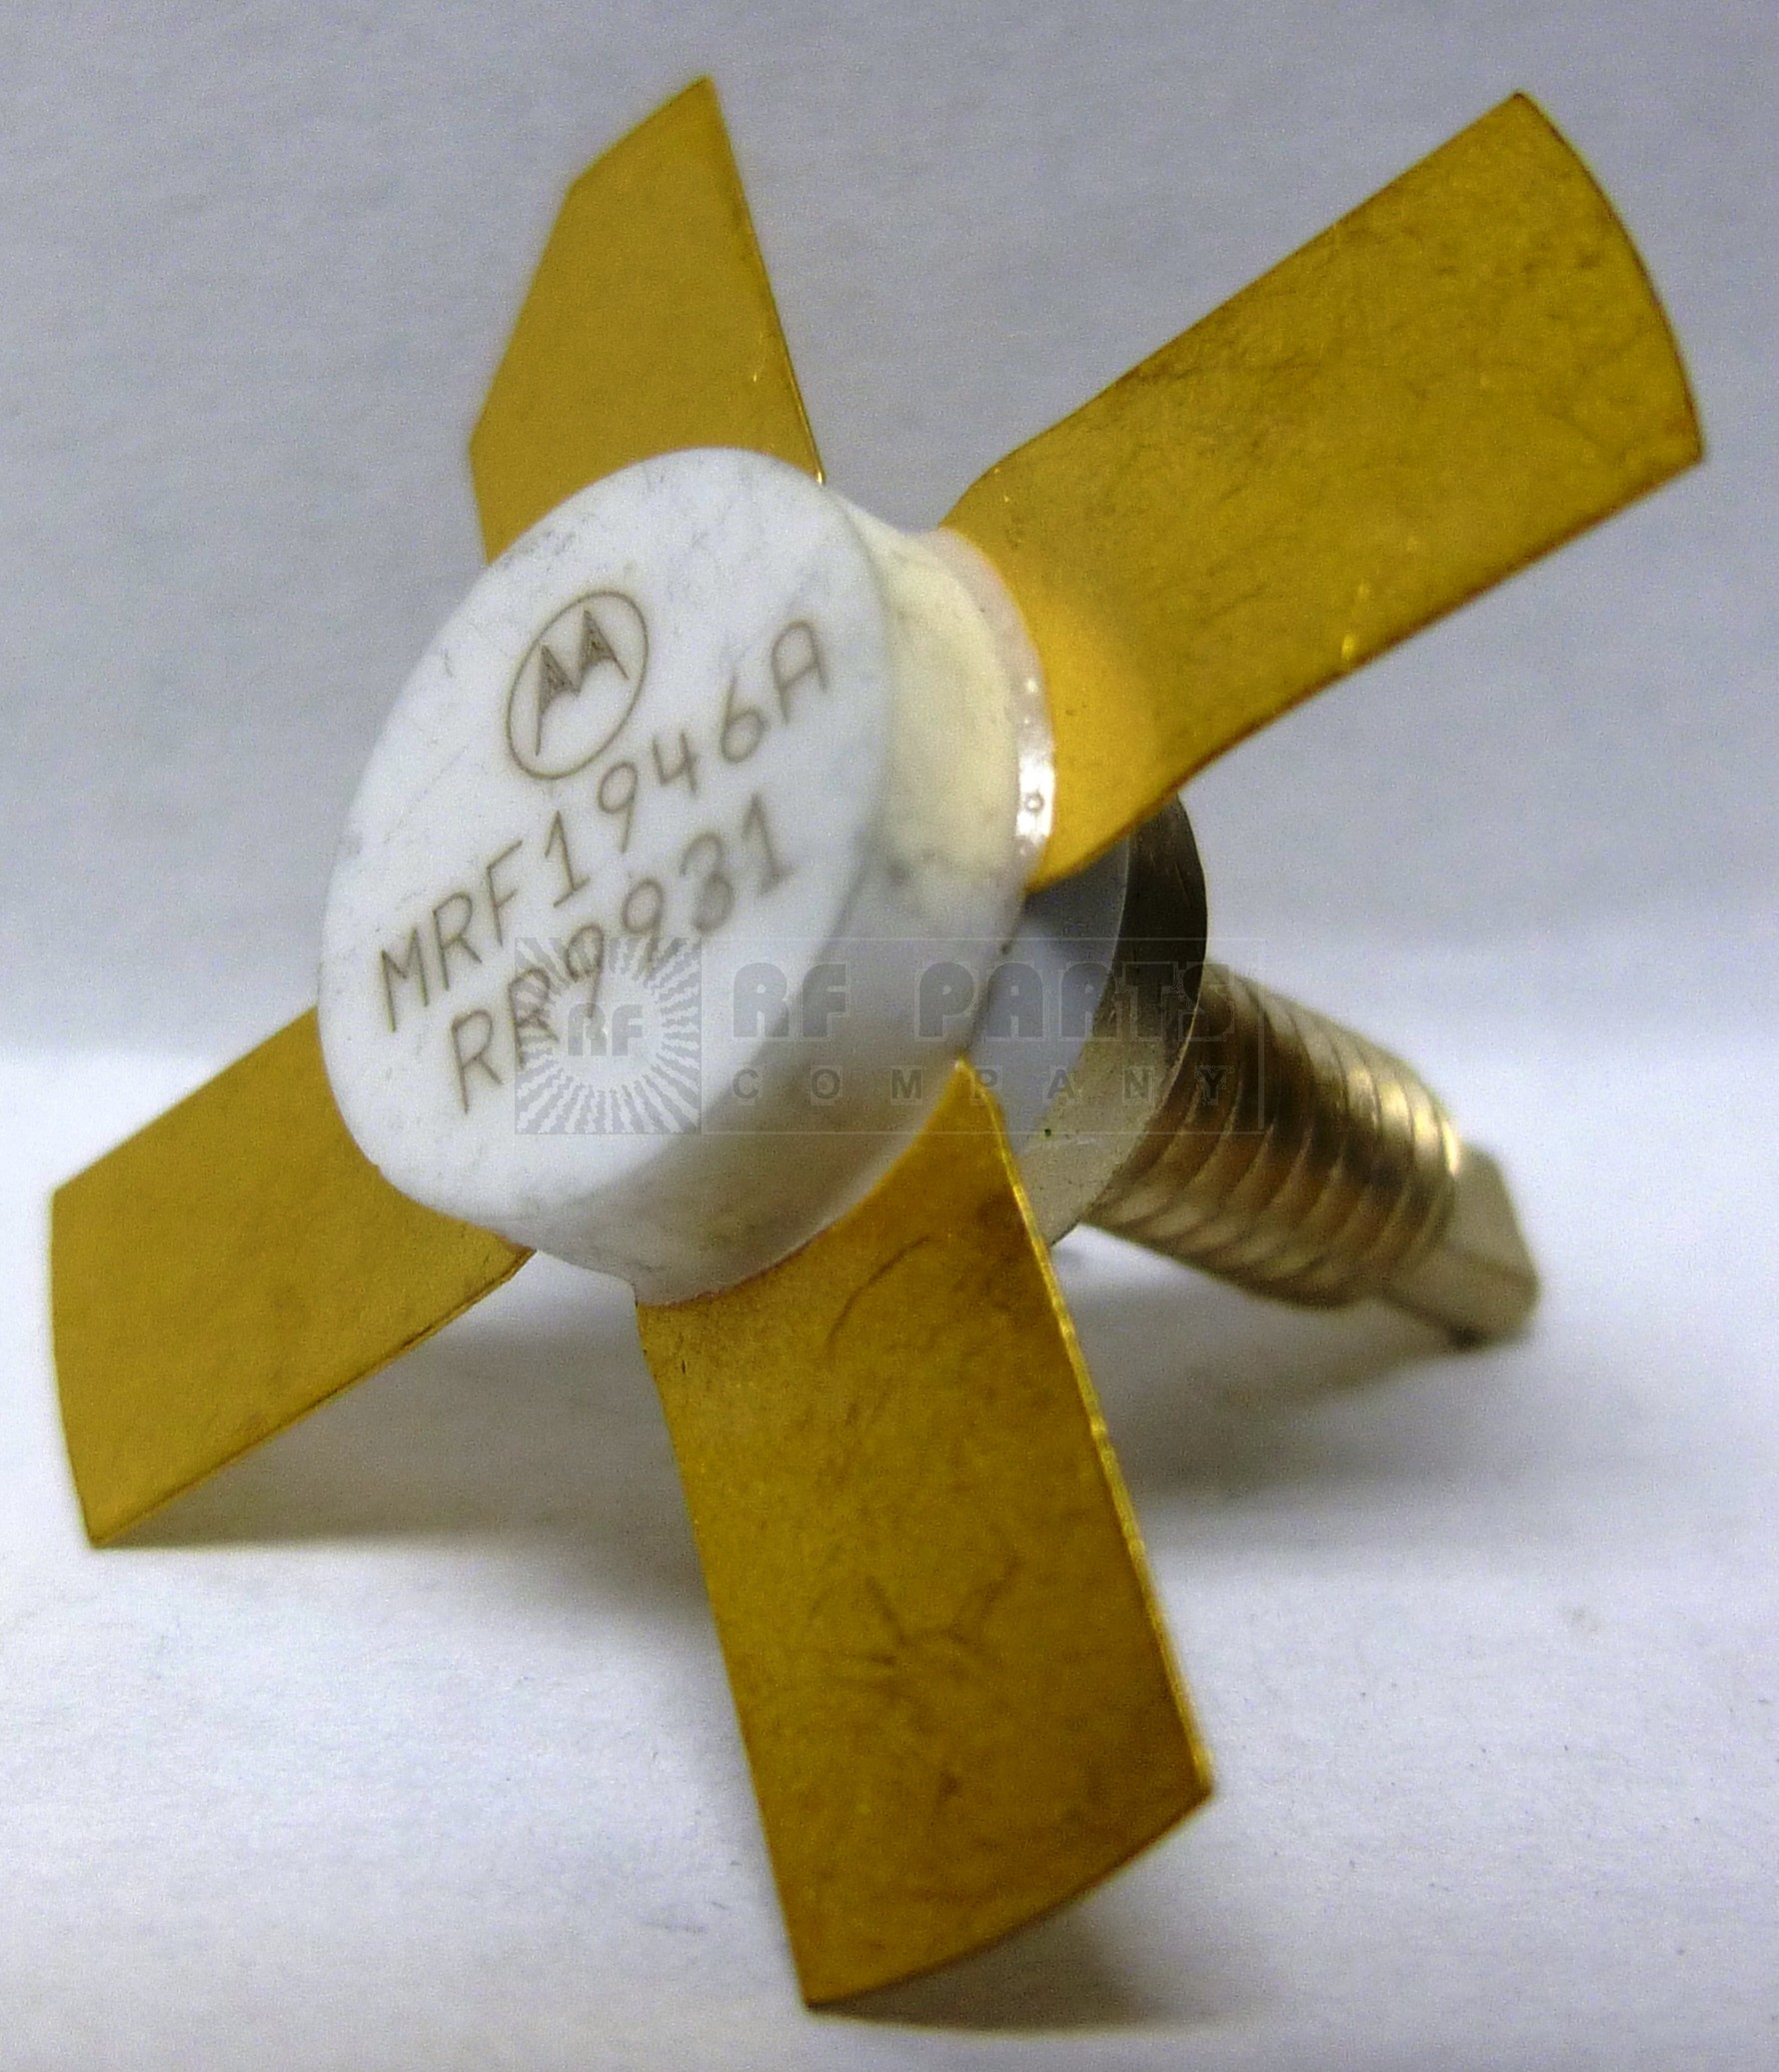 MRF1946AMP Transistor, Motorola, Matched Pair